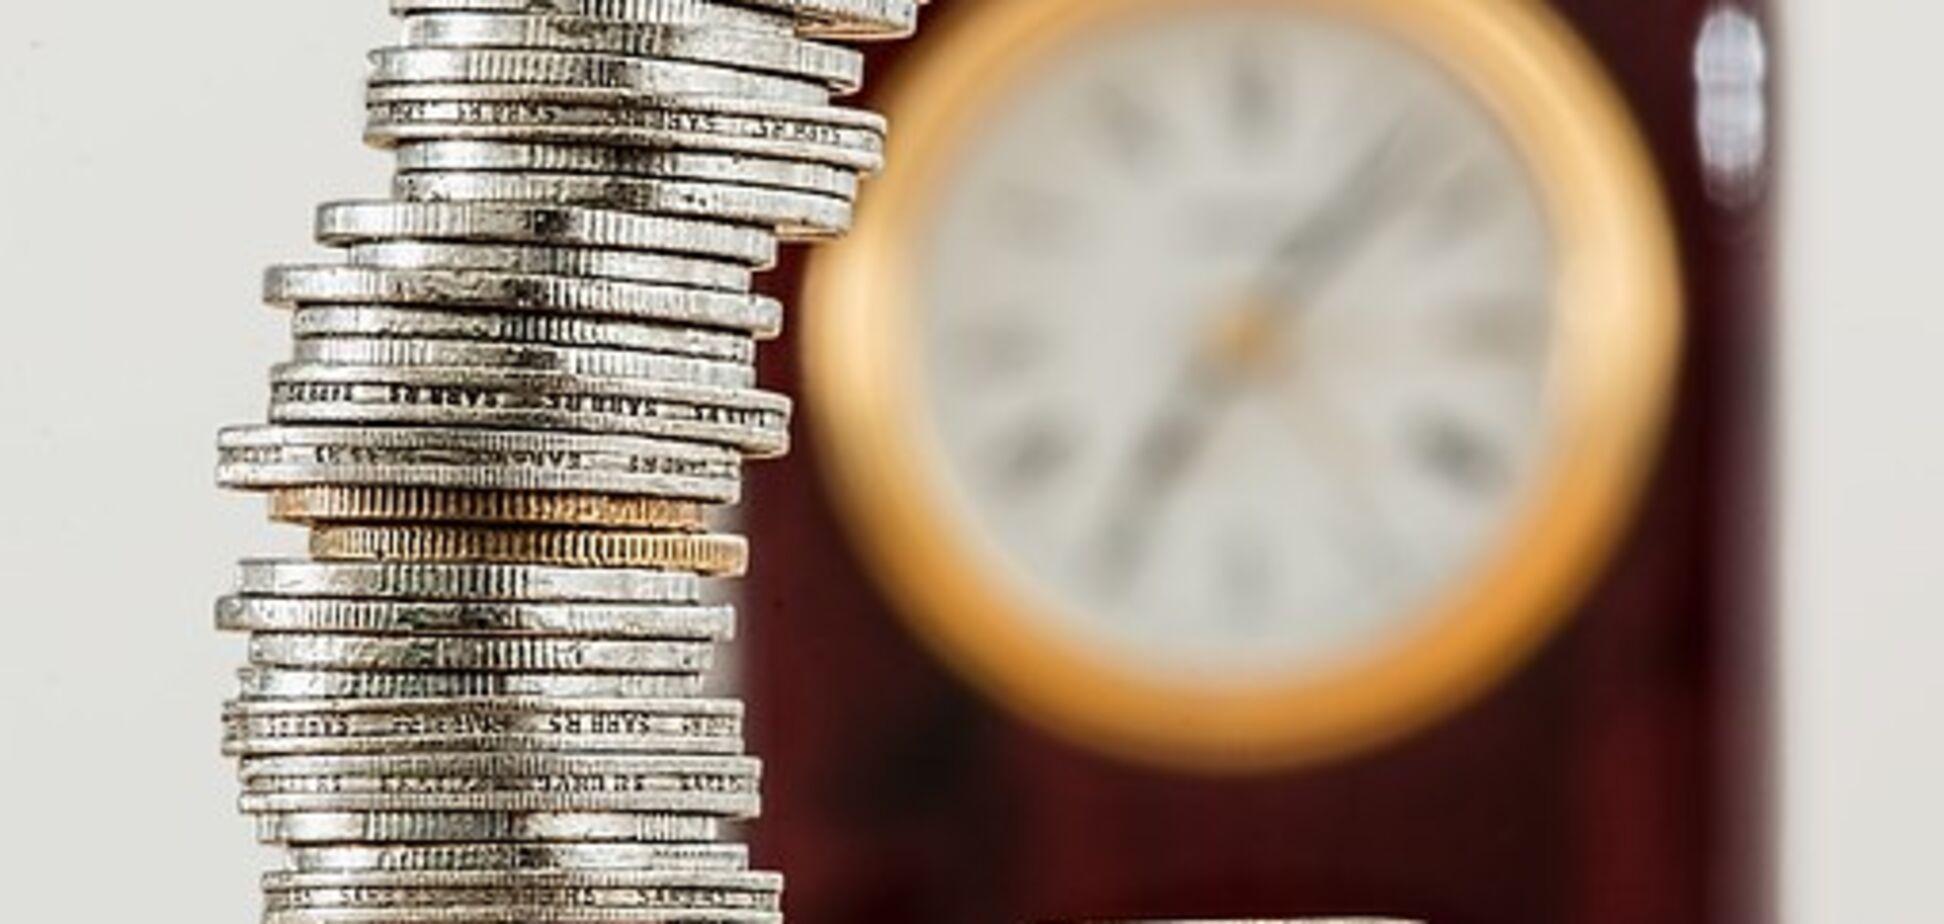 Центральный банк Кипра закрывает офшоры